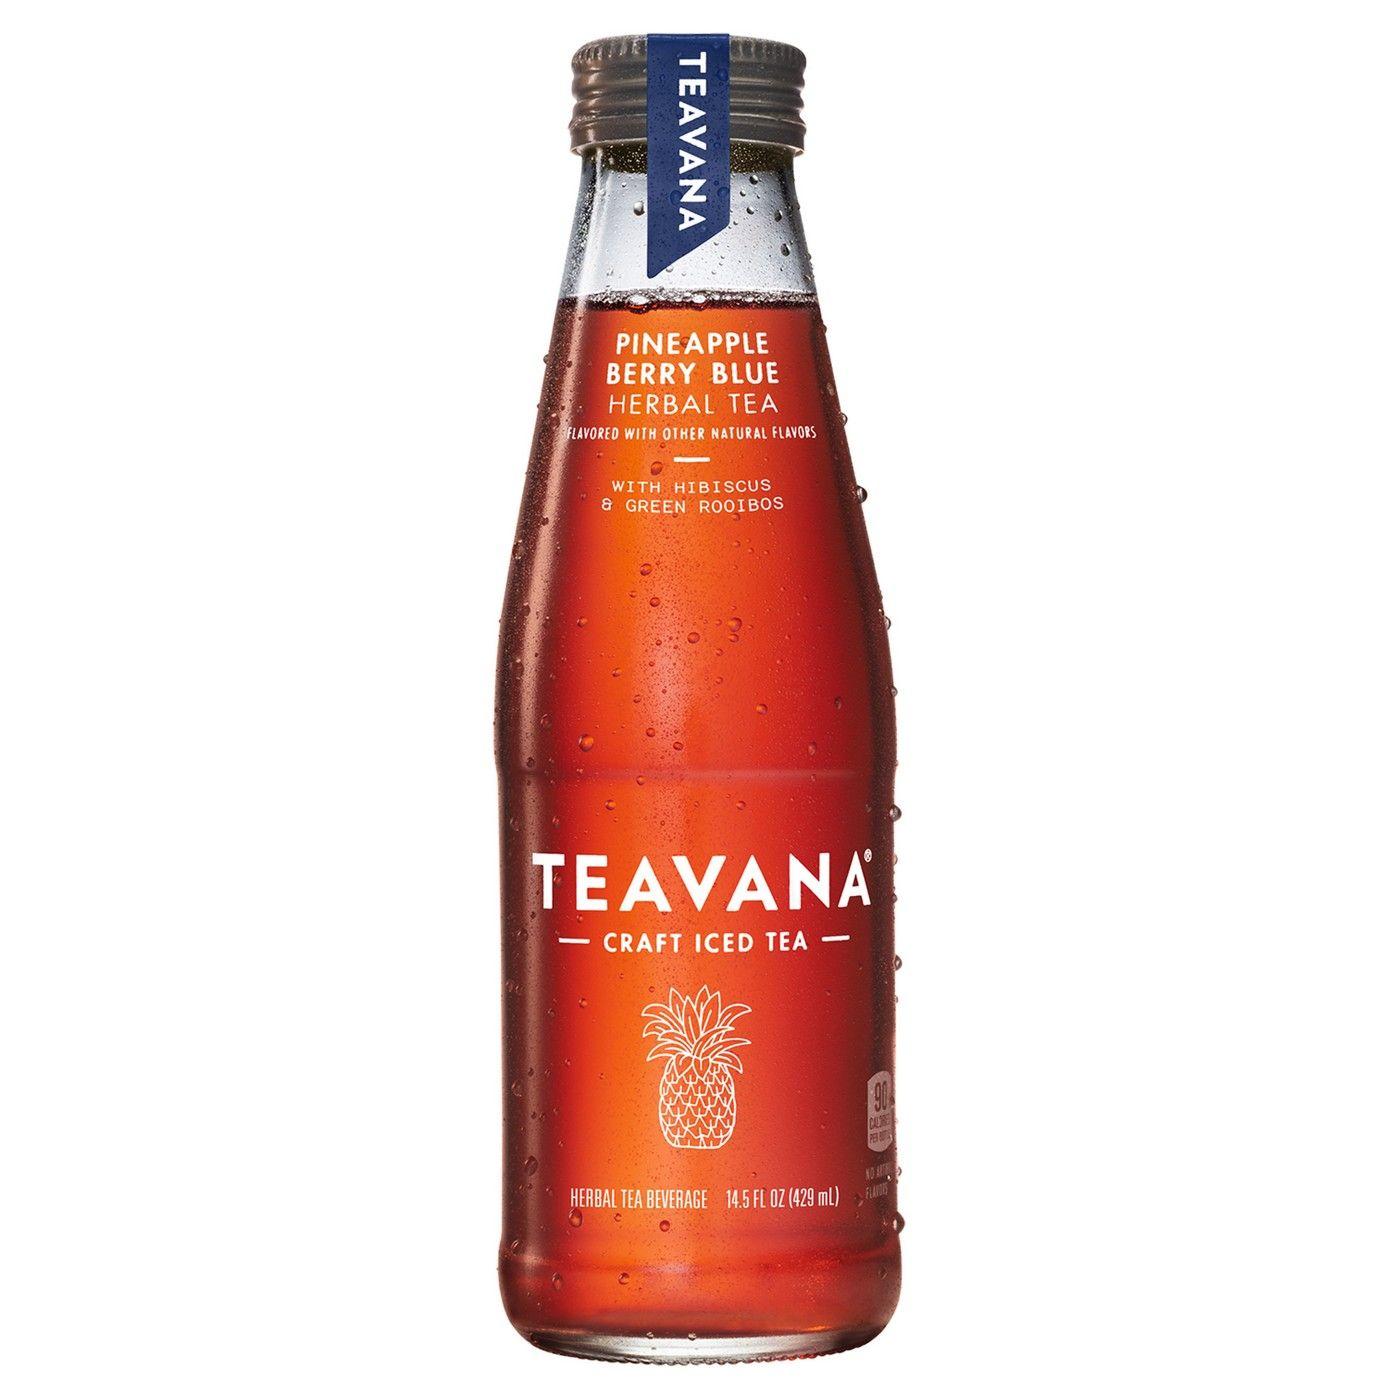 39+ Teavana craft iced tea pineapple berry blue ideas